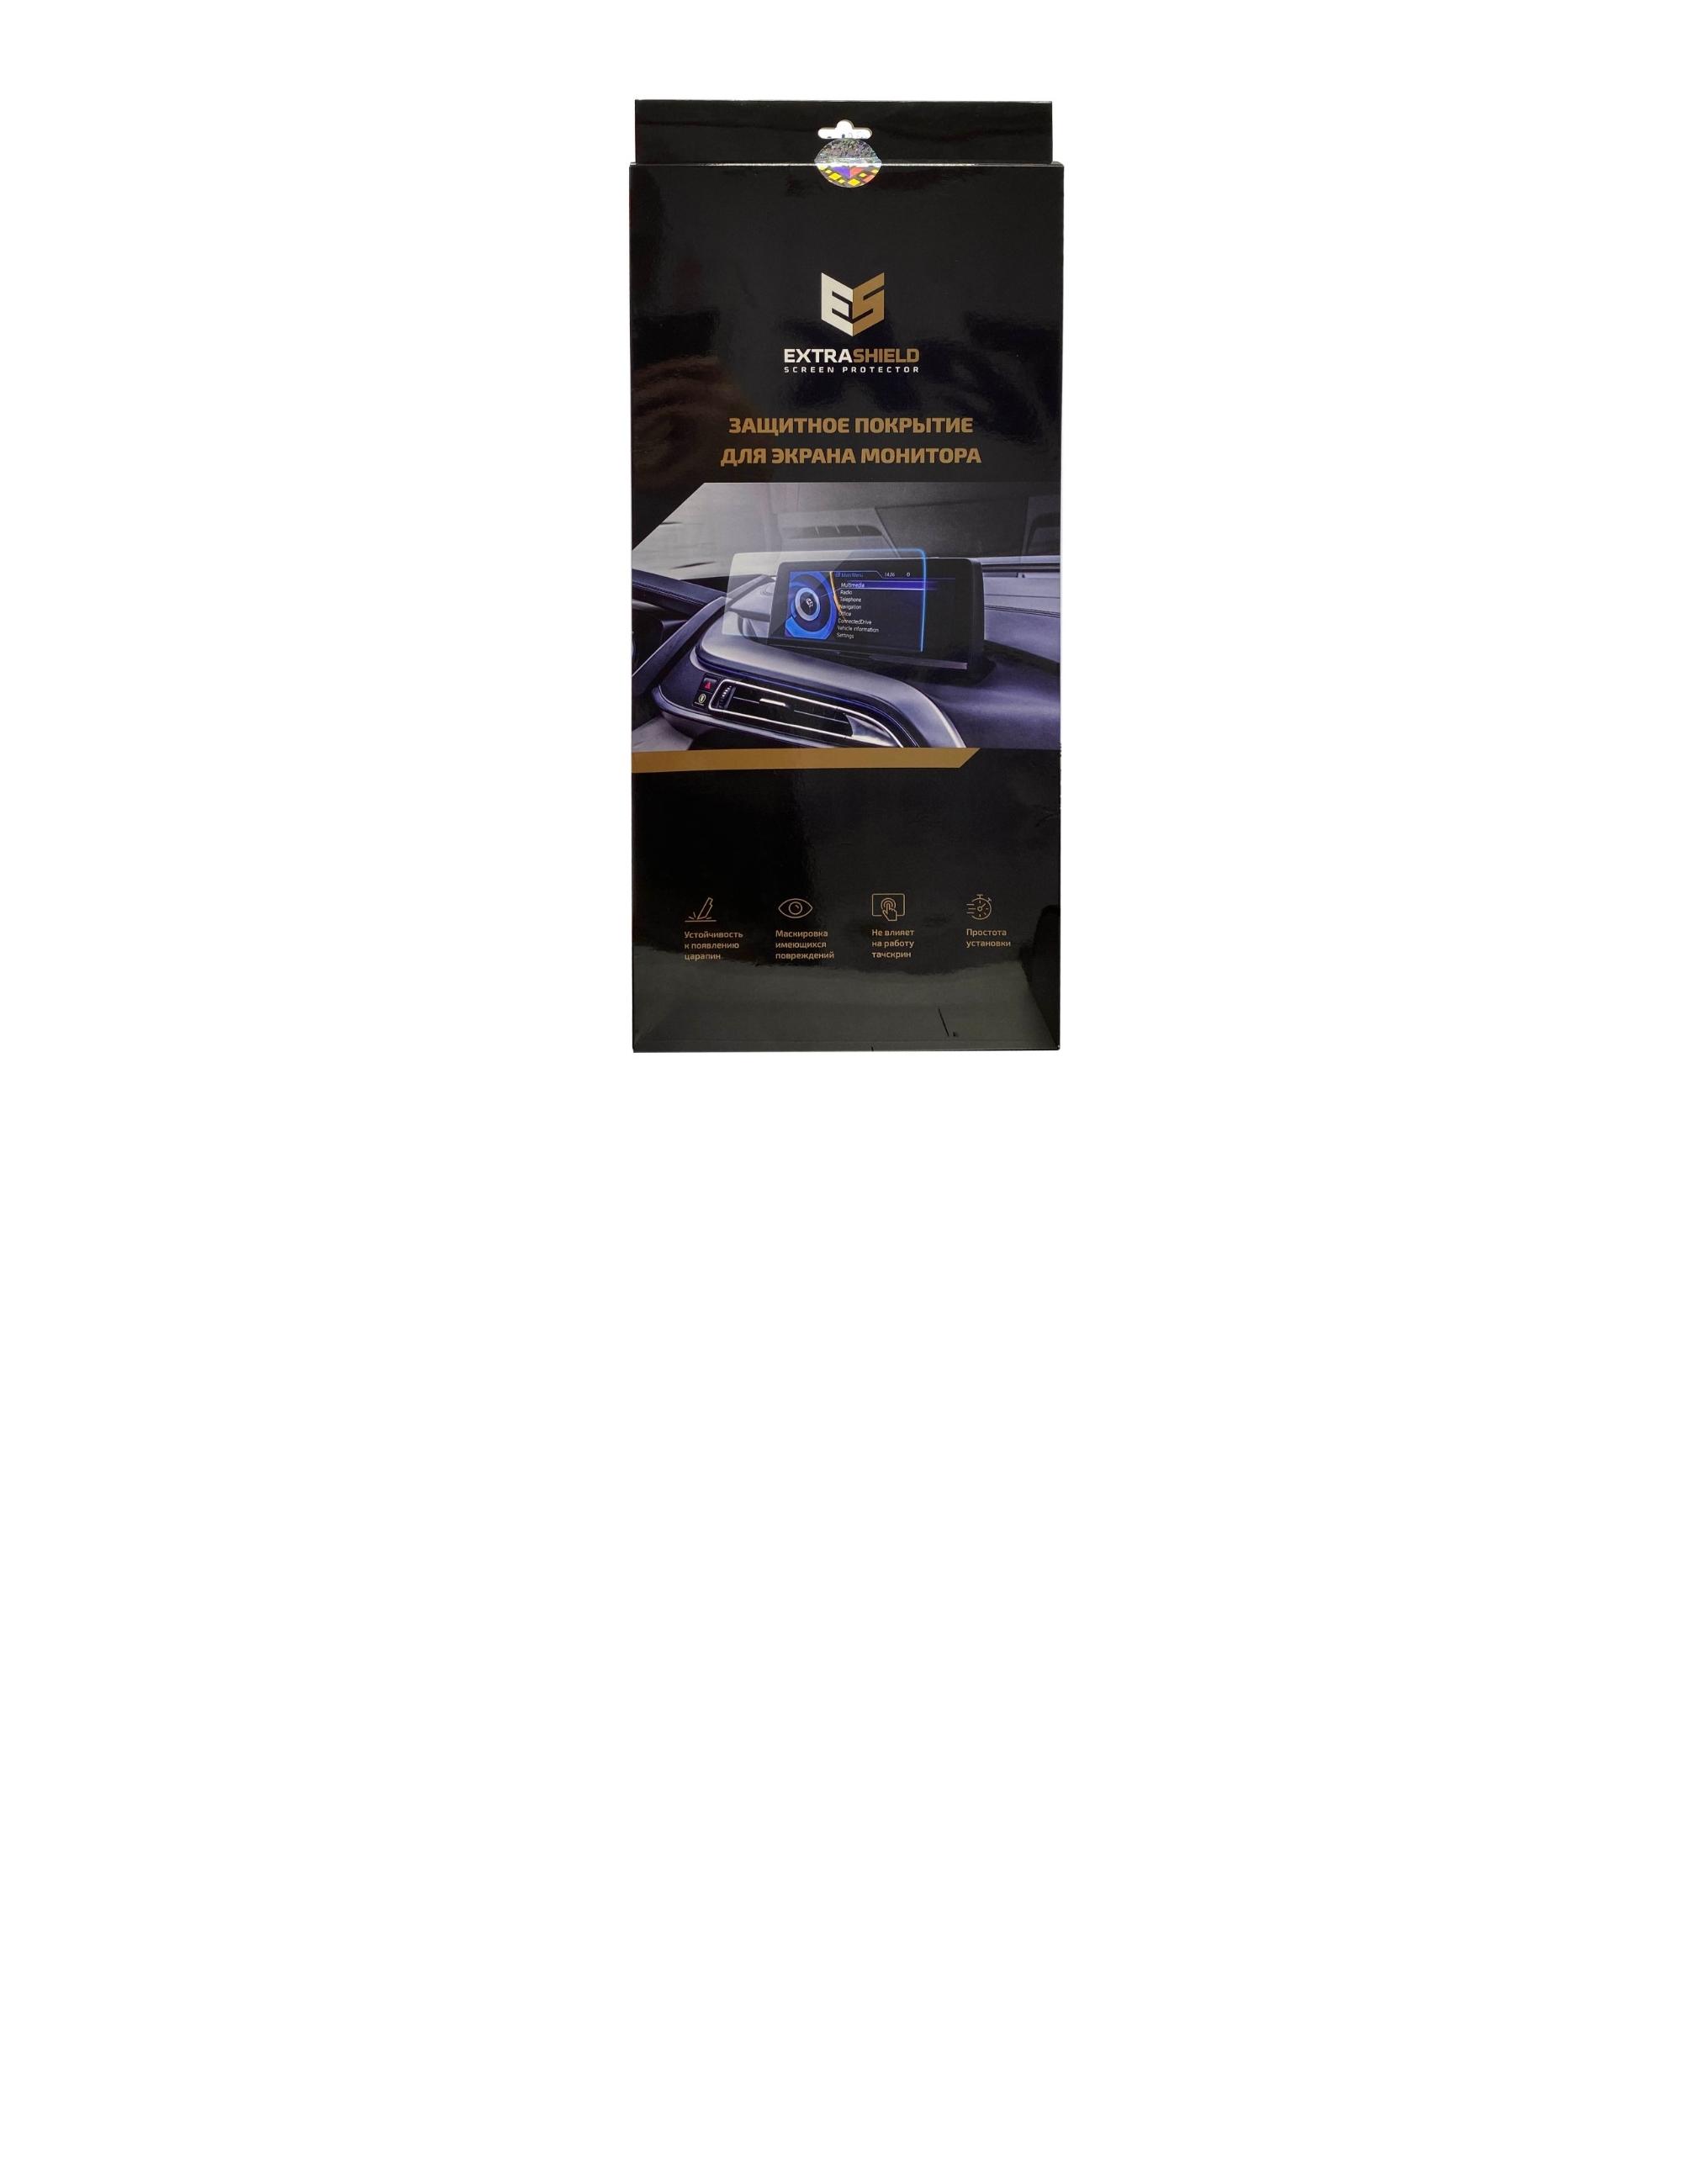 Mercedes-Benz CLA (C118) 2019 - н.в. приборная панель+мультимедиа 10,25 Защитное стекло Глянец